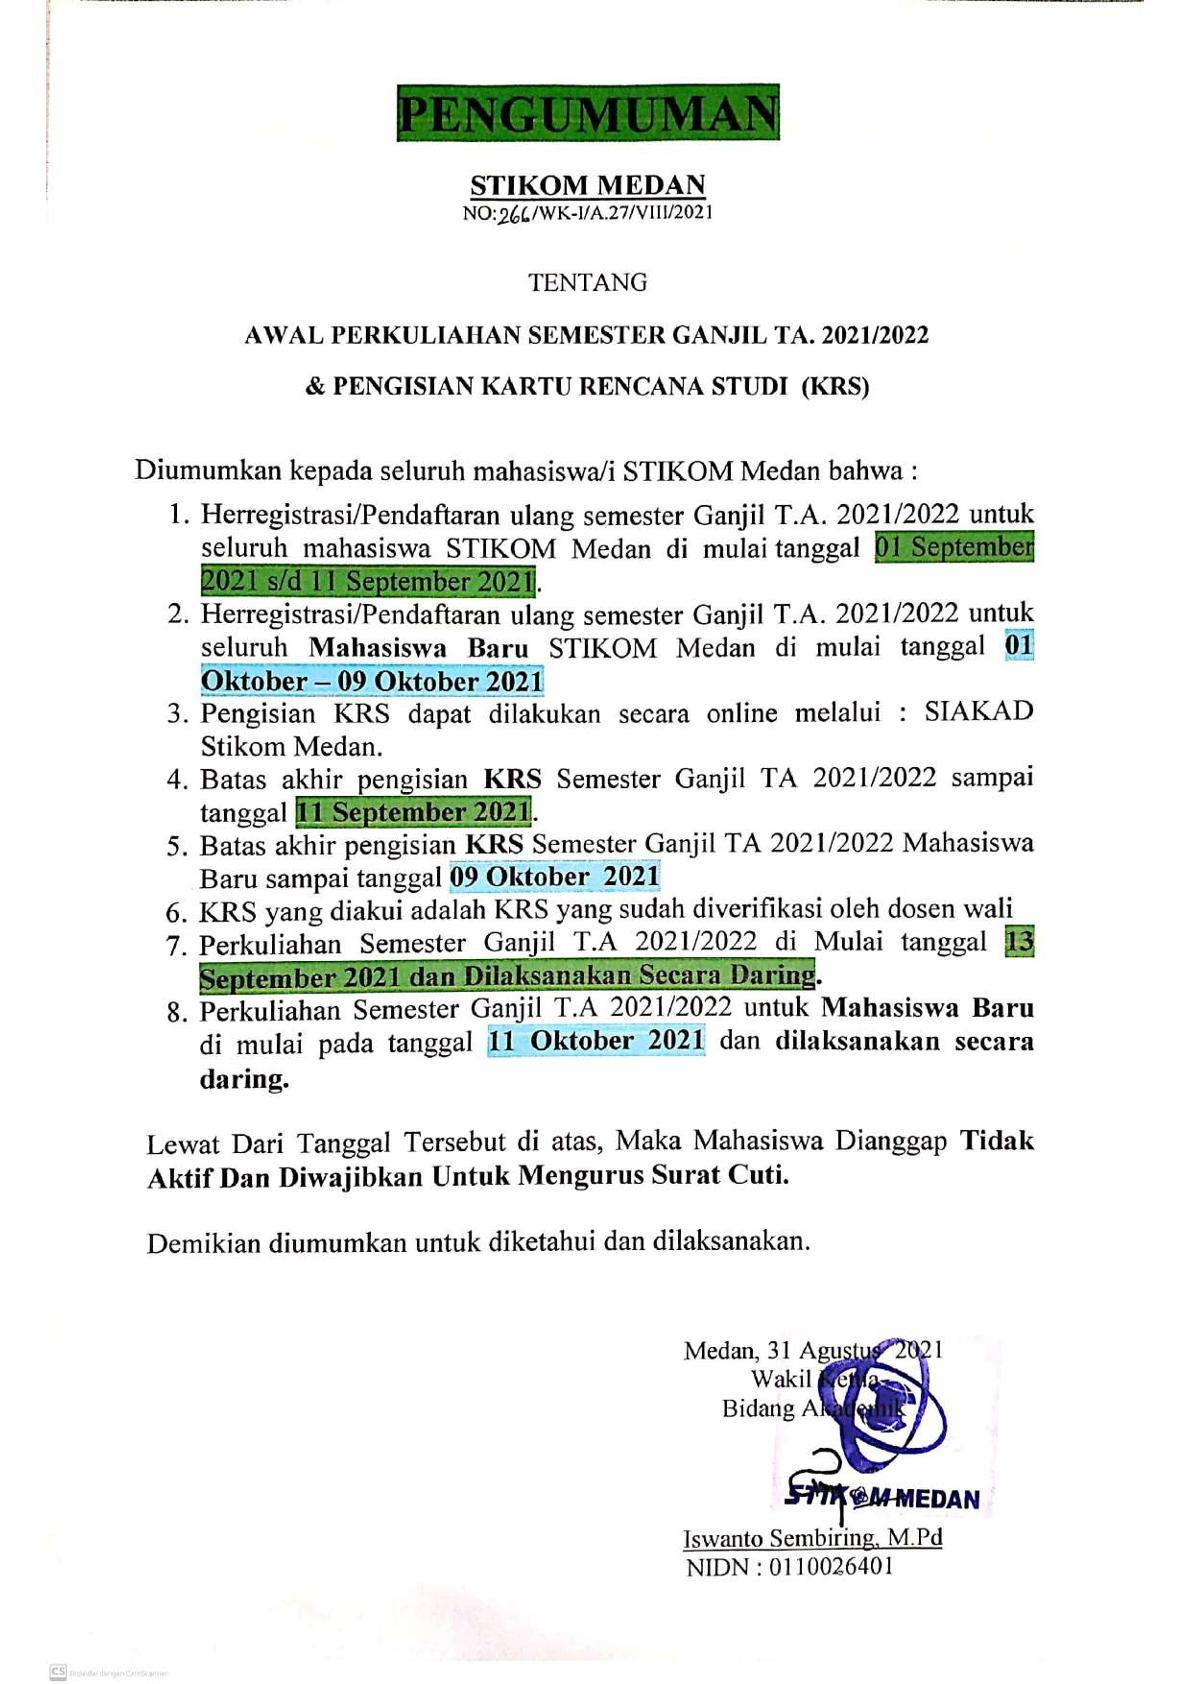 PENGUMUMAN AWAL MASUK PERKULIAHAN GANJIL TA. 2021/2022